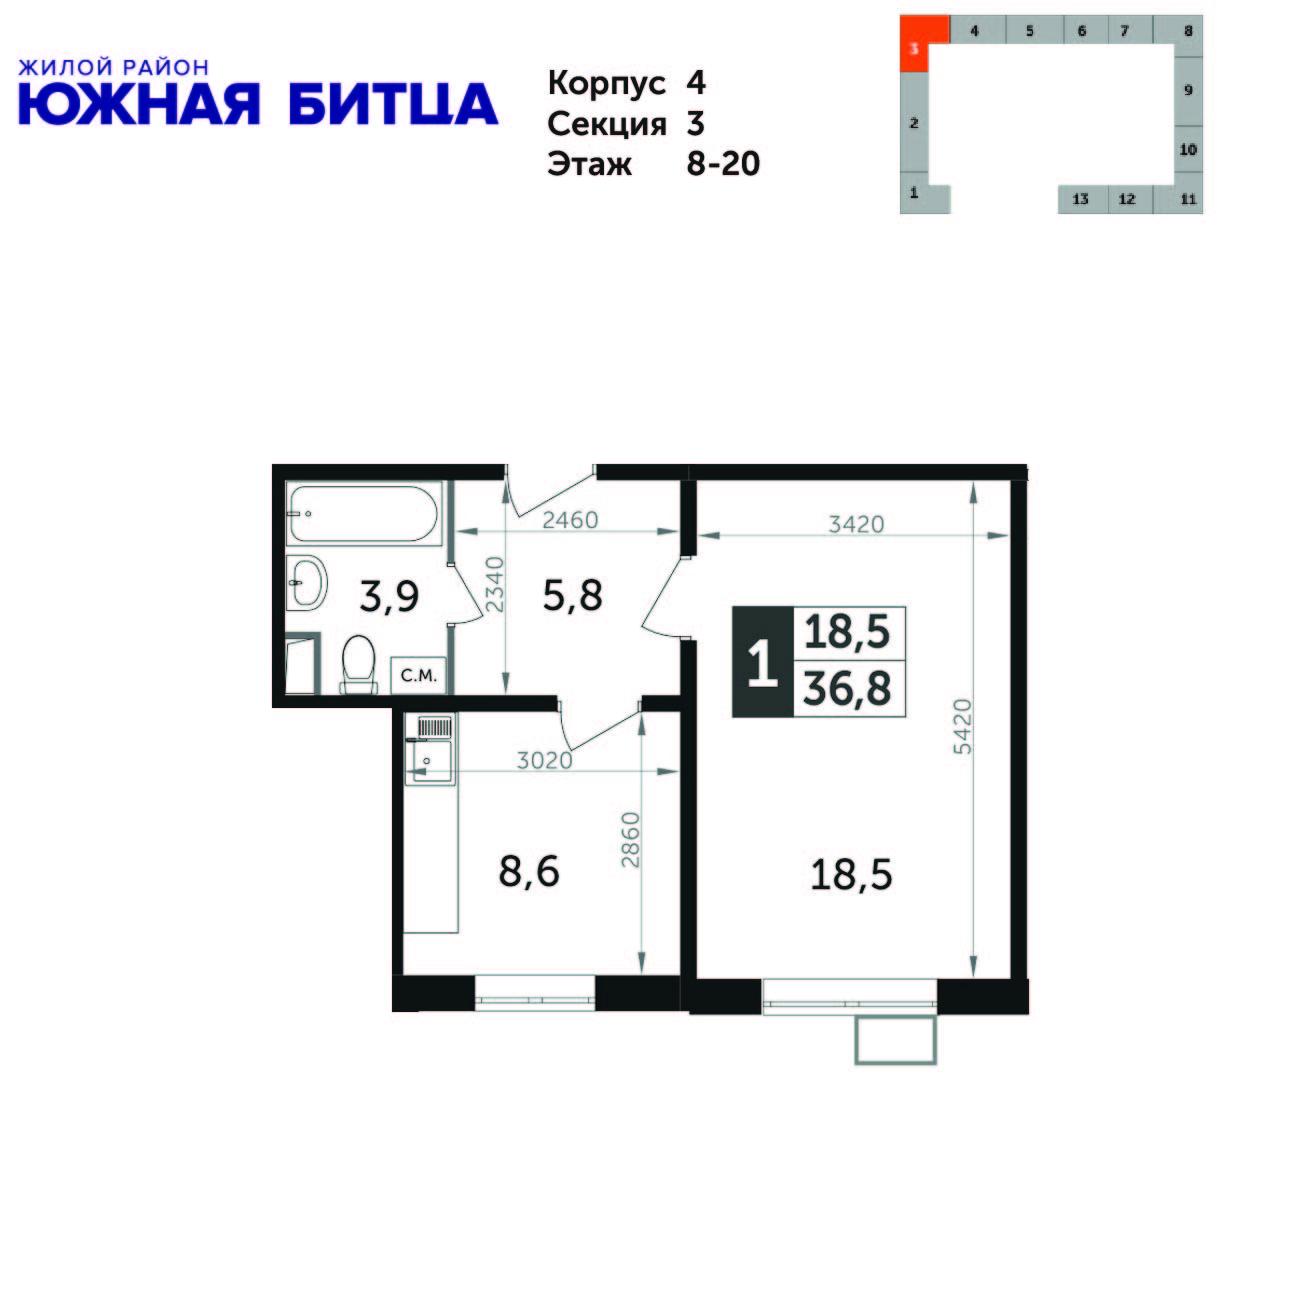 1-комнатная квартира, 36.8м² за 5,8 млн руб.